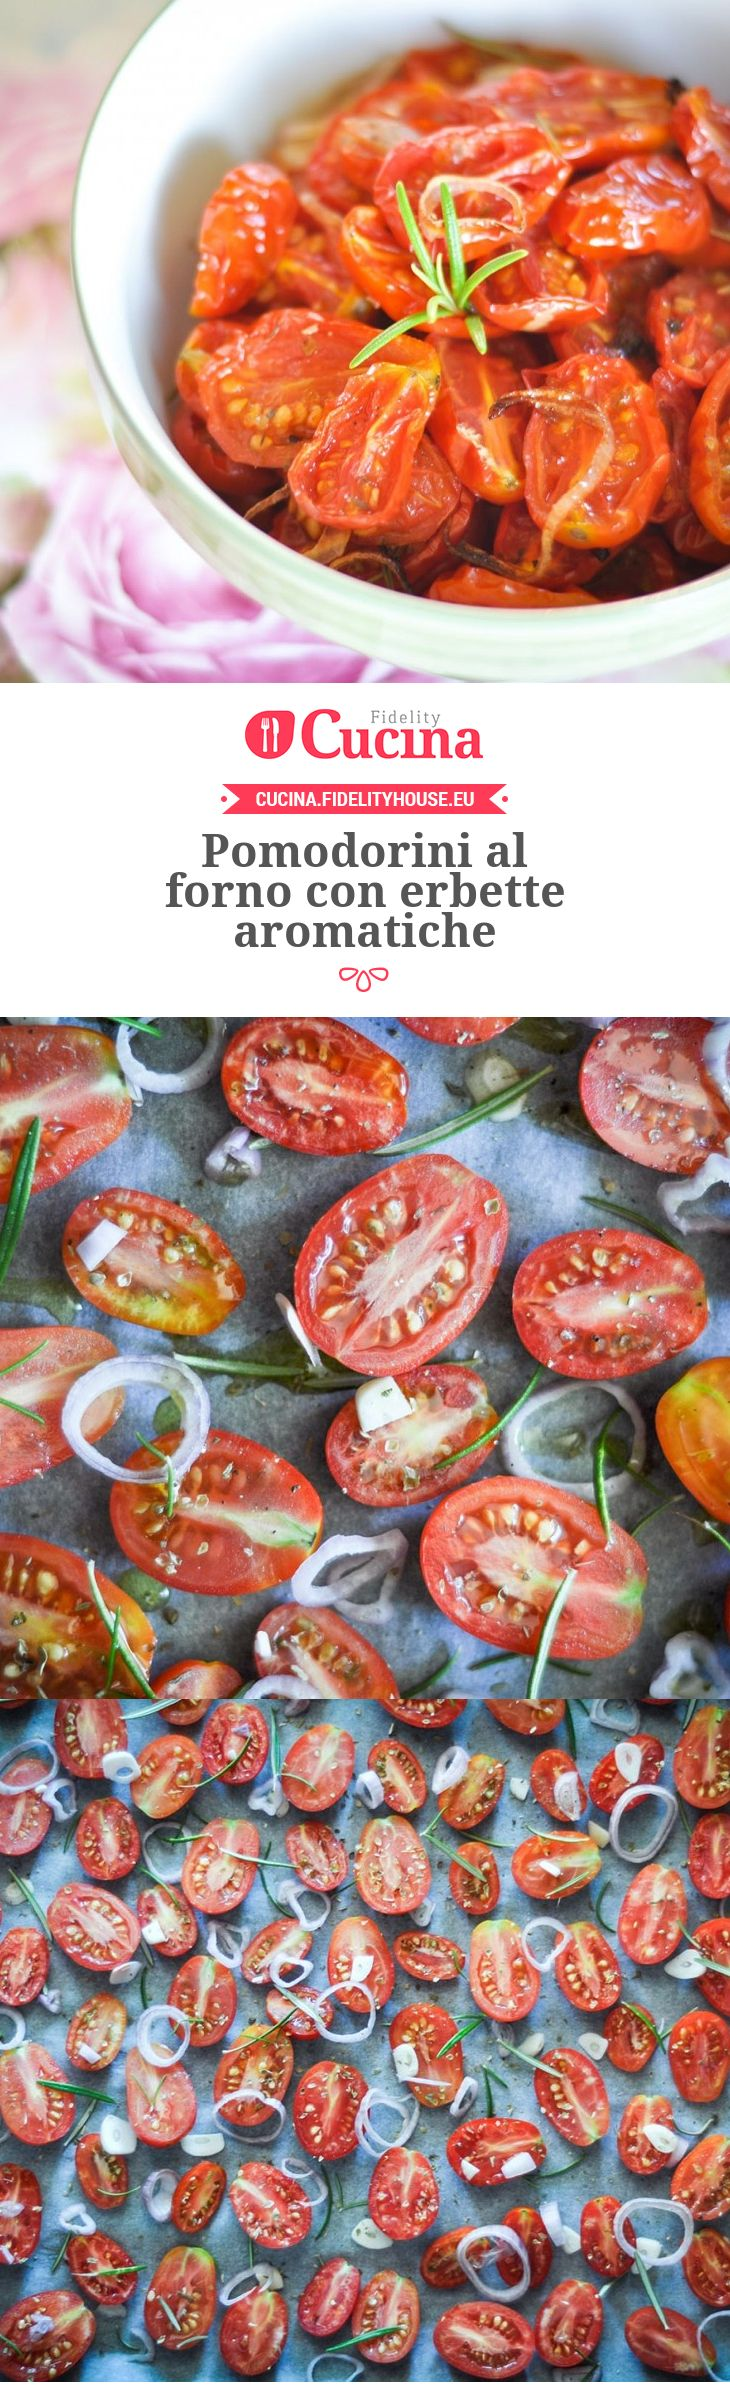 #Pomodorini al forno con erbette aromatiche della nostra utente Chiara. Unisciti alla nostra Community ed invia le tue ricette!